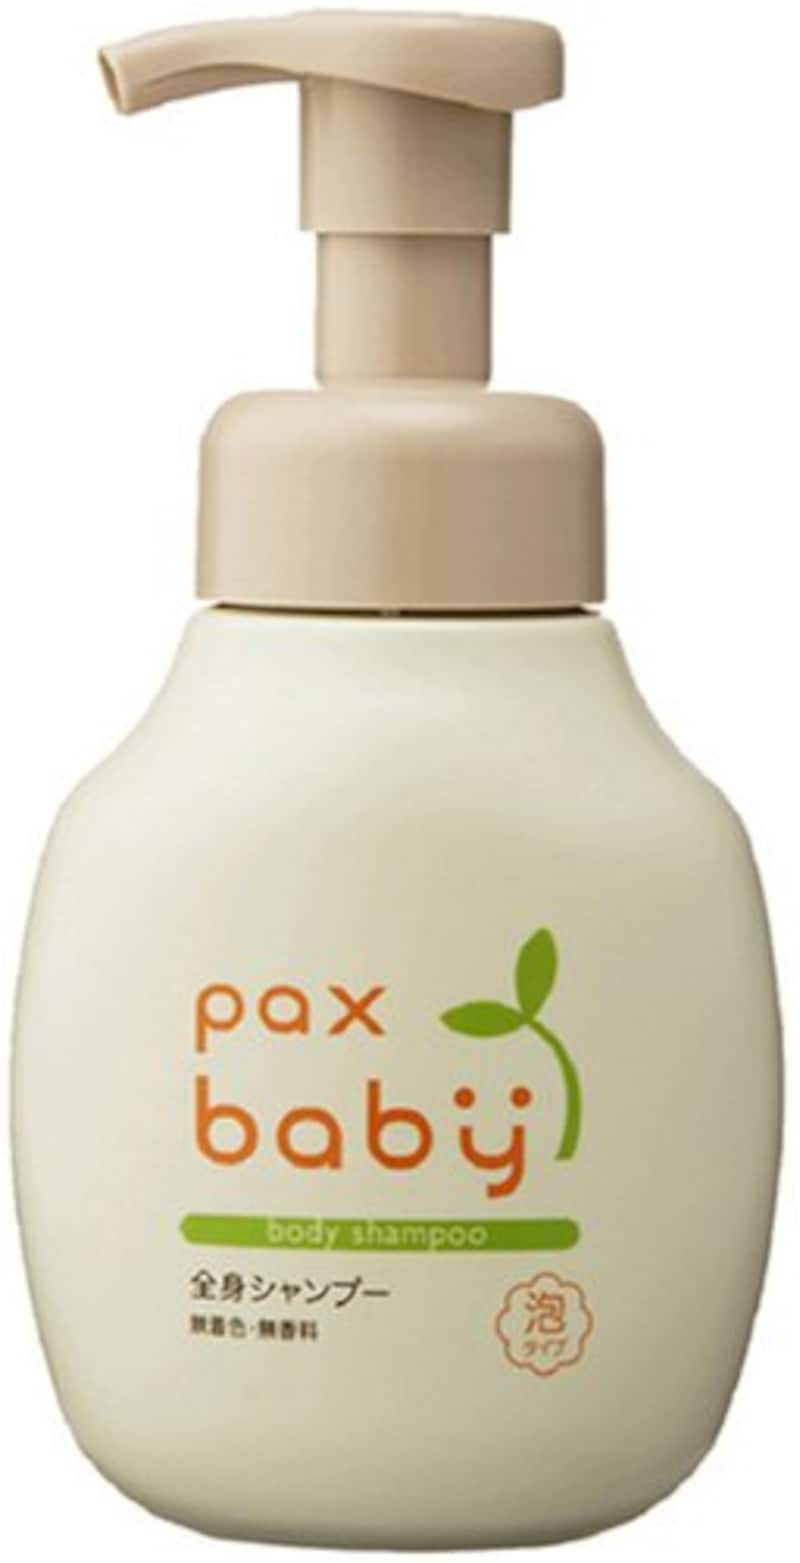 太陽油脂 ,pax baby(パックスベビー)全身シャンプー